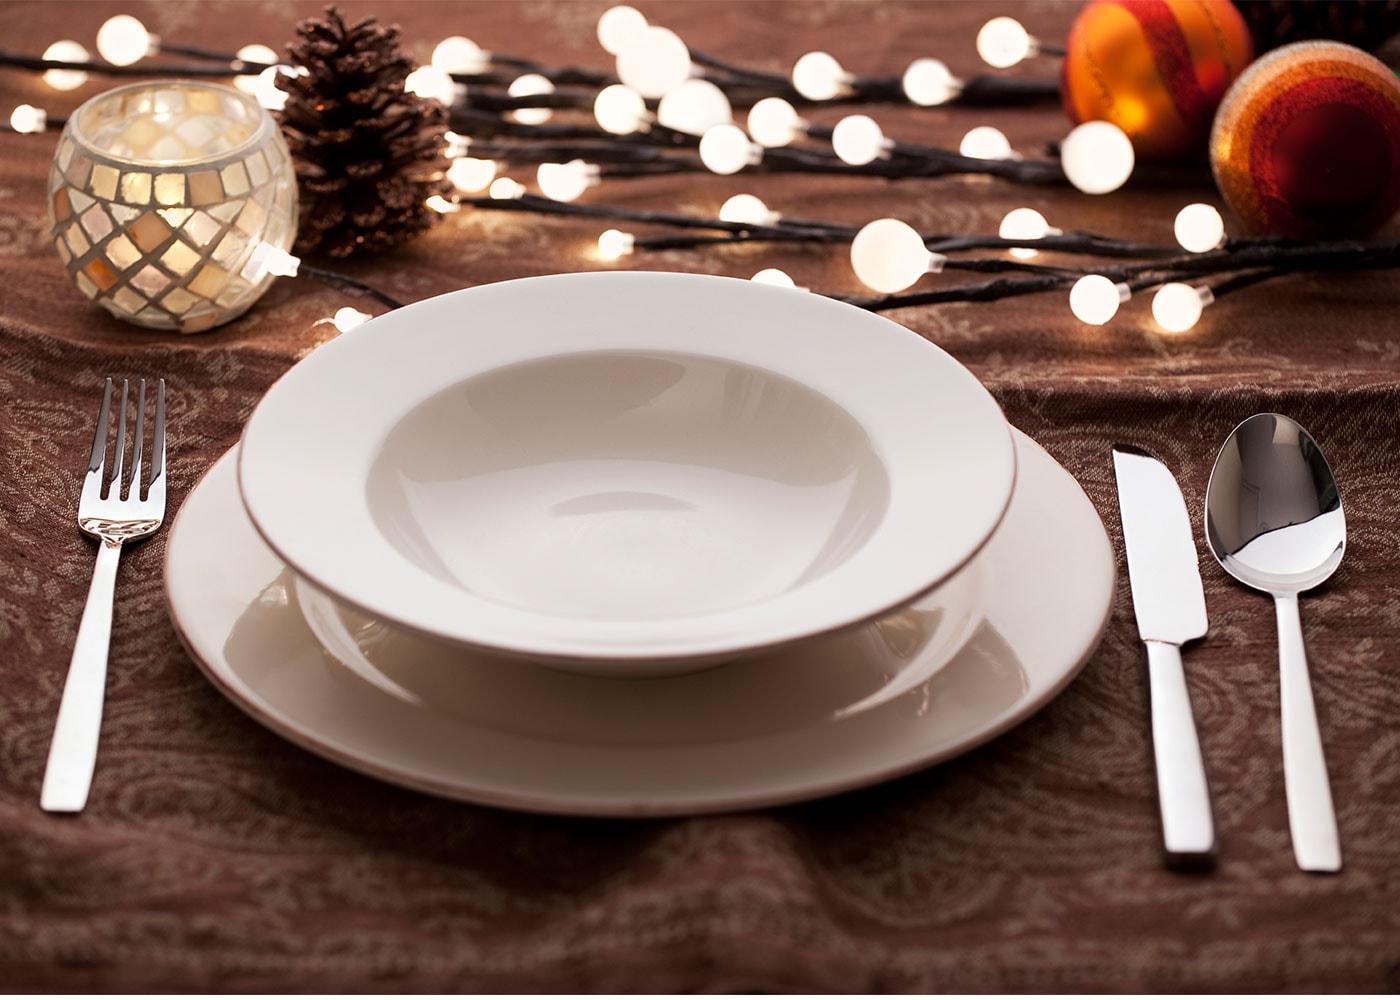 Weihnachtliches Motiv nicht mittig platzieren